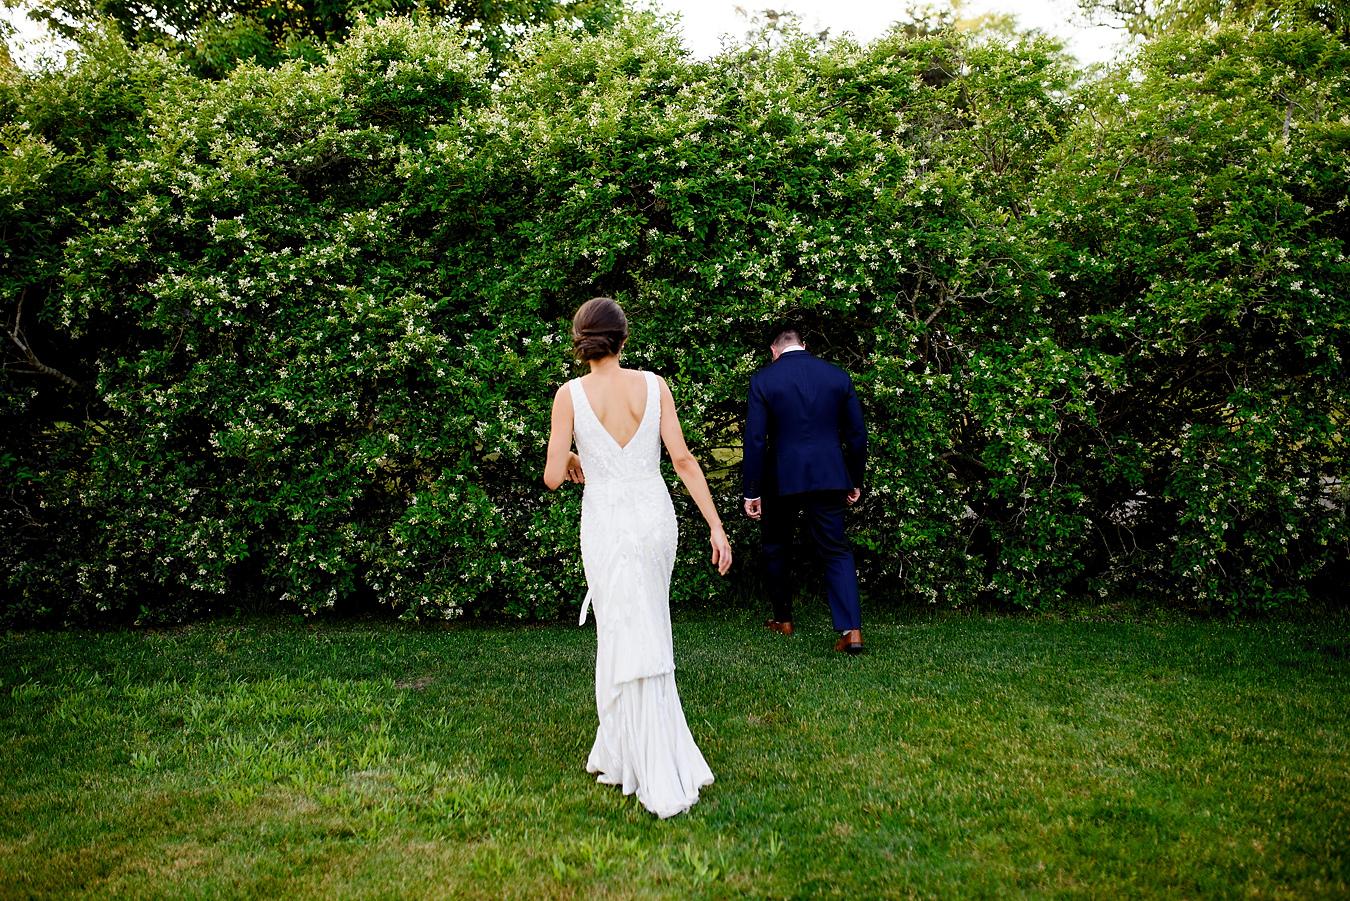 dennis_inn_wedding_058.JPG